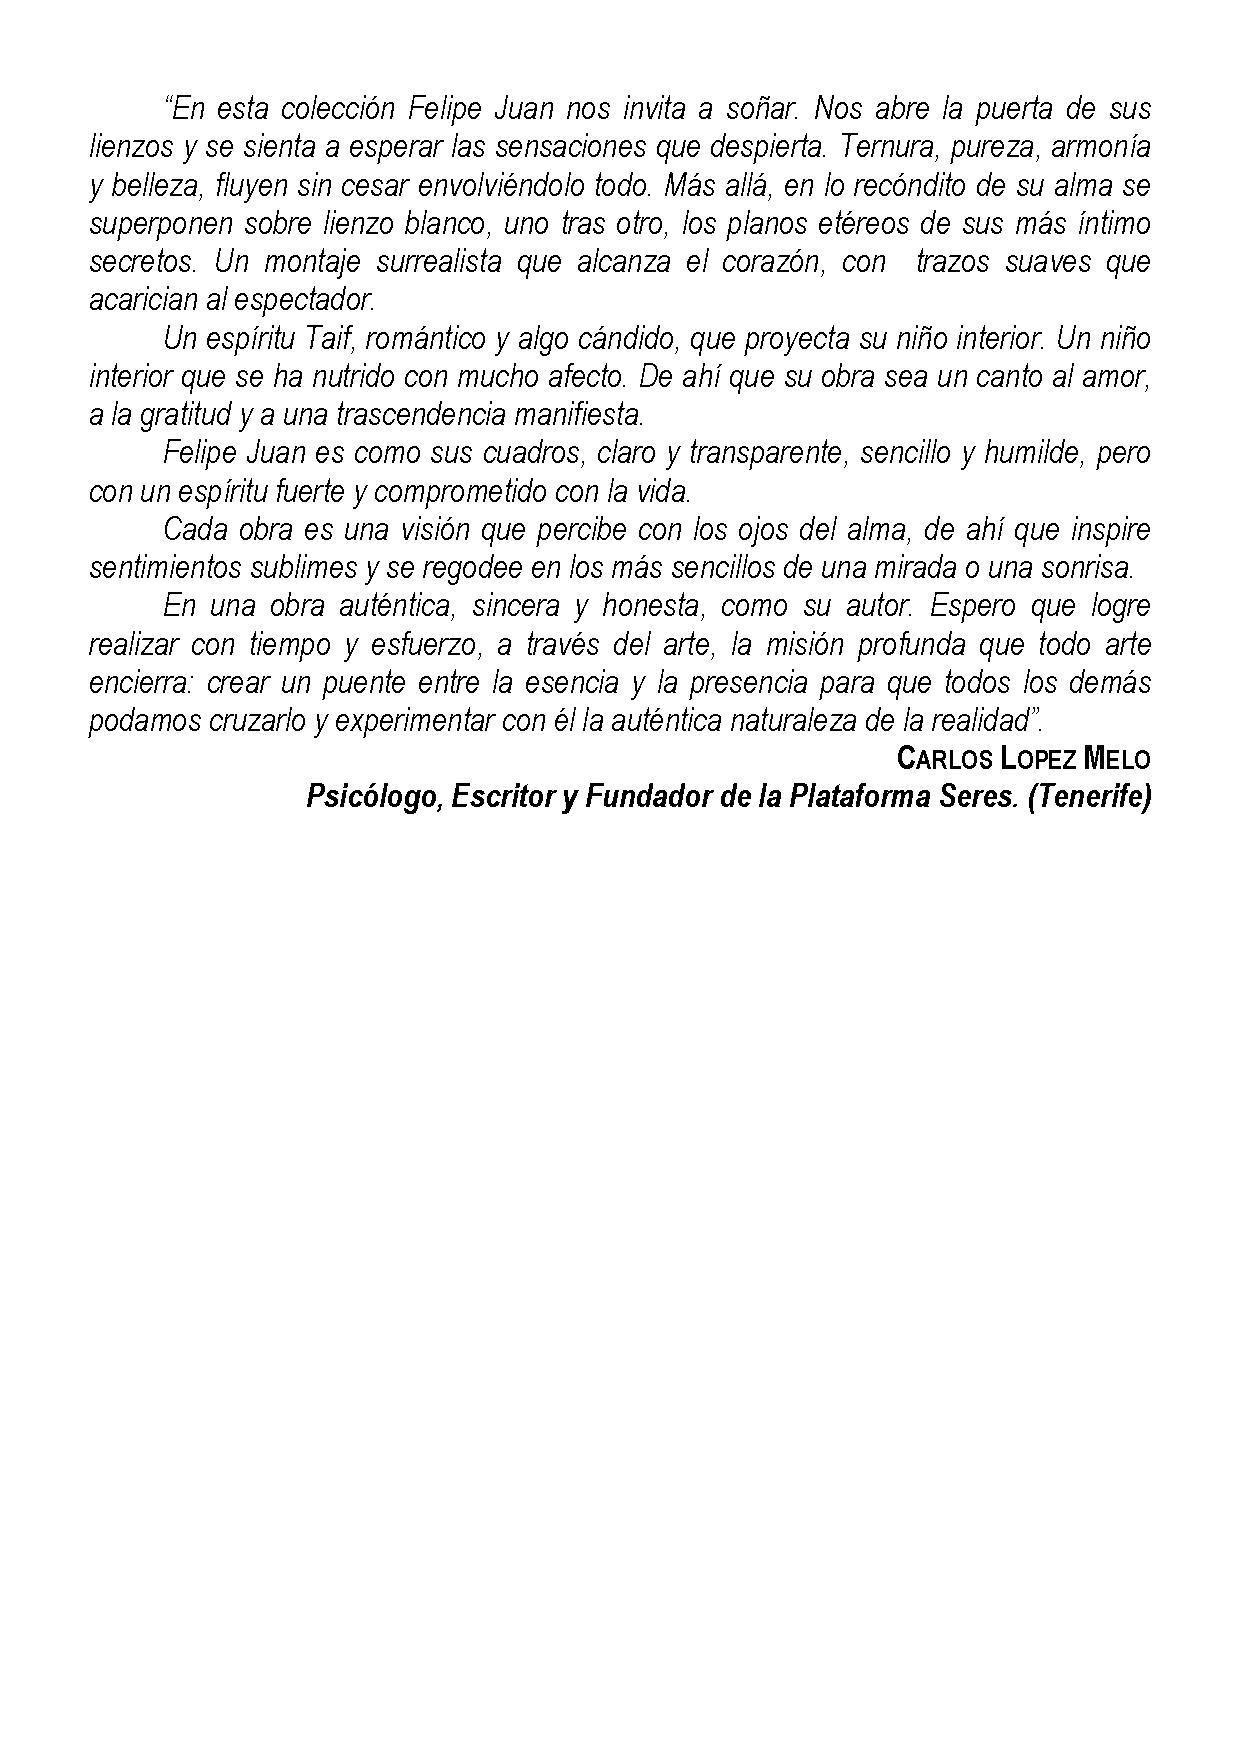 Textos Críticos _selección_14.jpg